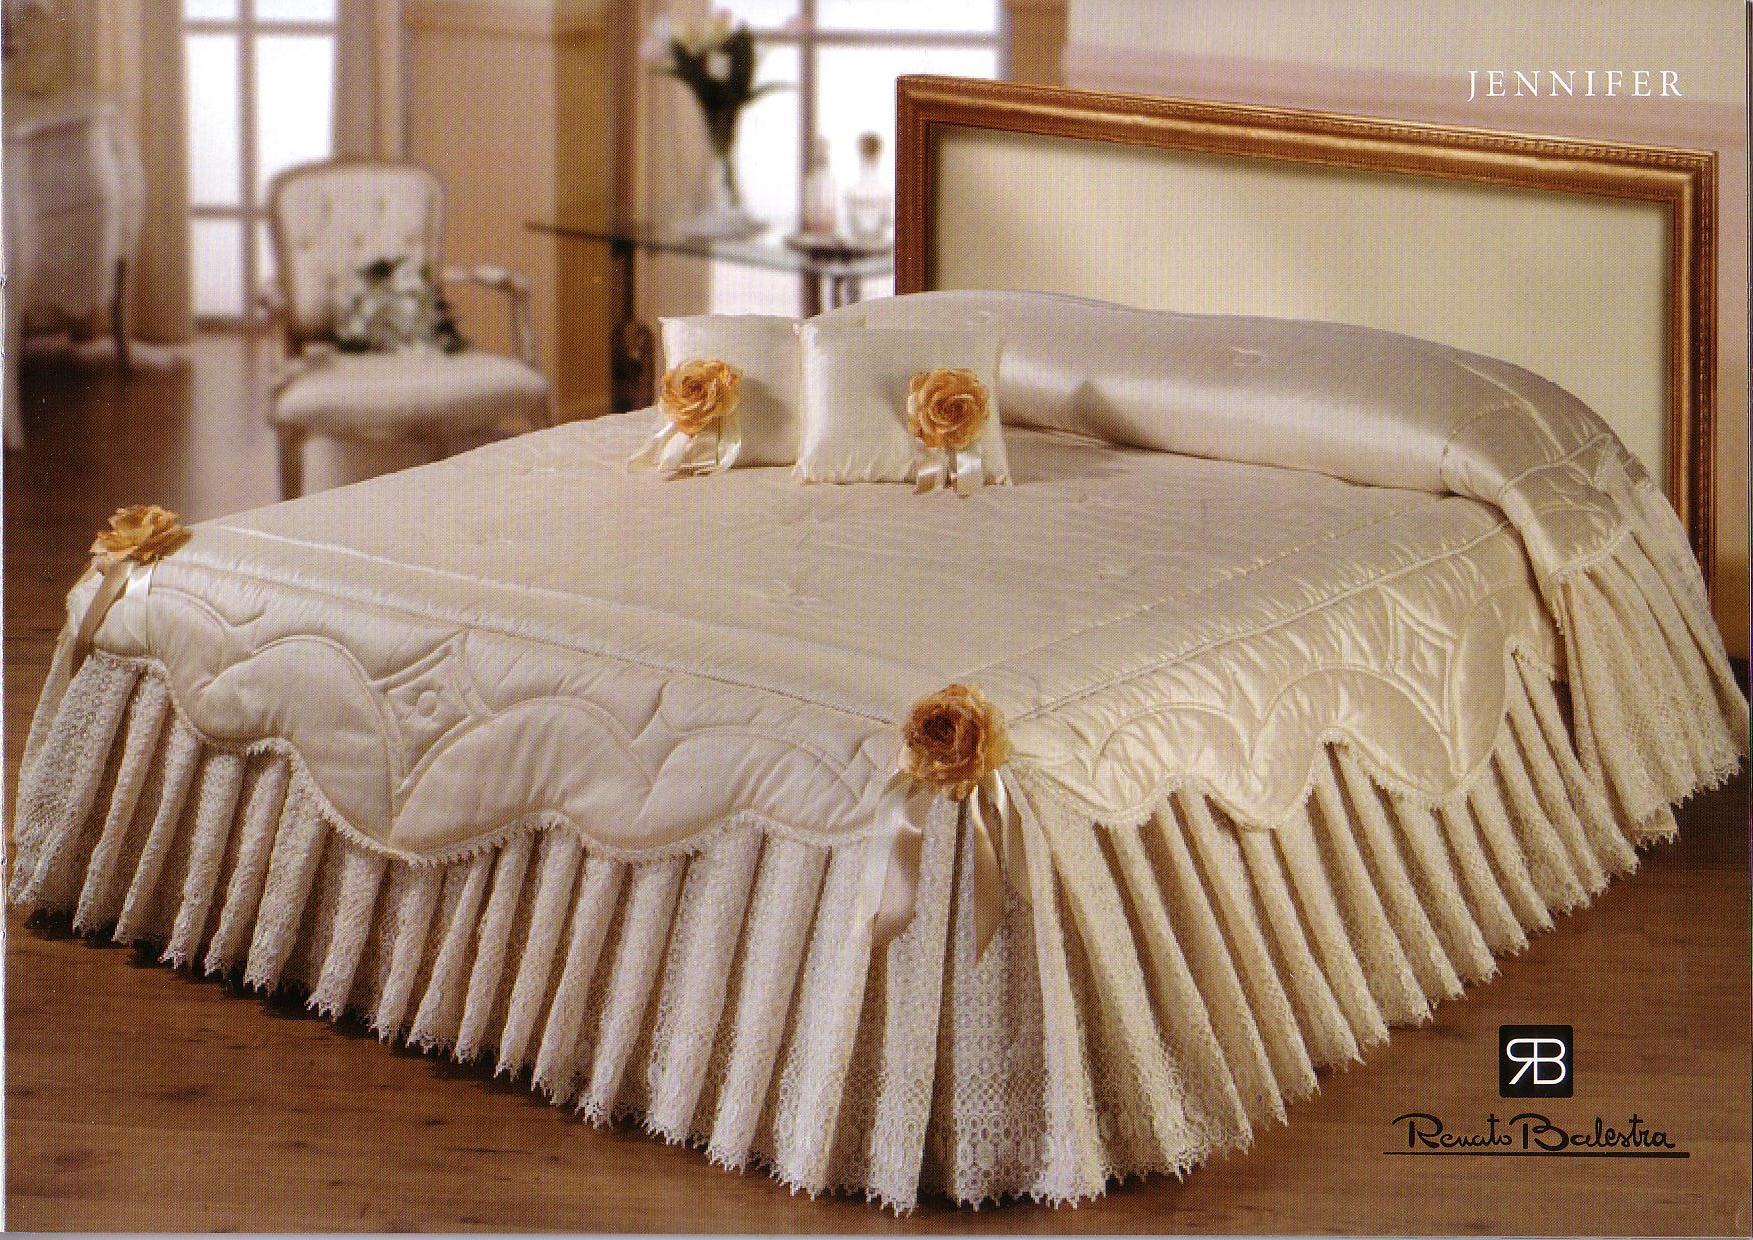 Abbigliamento di moda i vostri sogni renato balestra biancheria per la casa - Biancheria letto matrimoniale ...